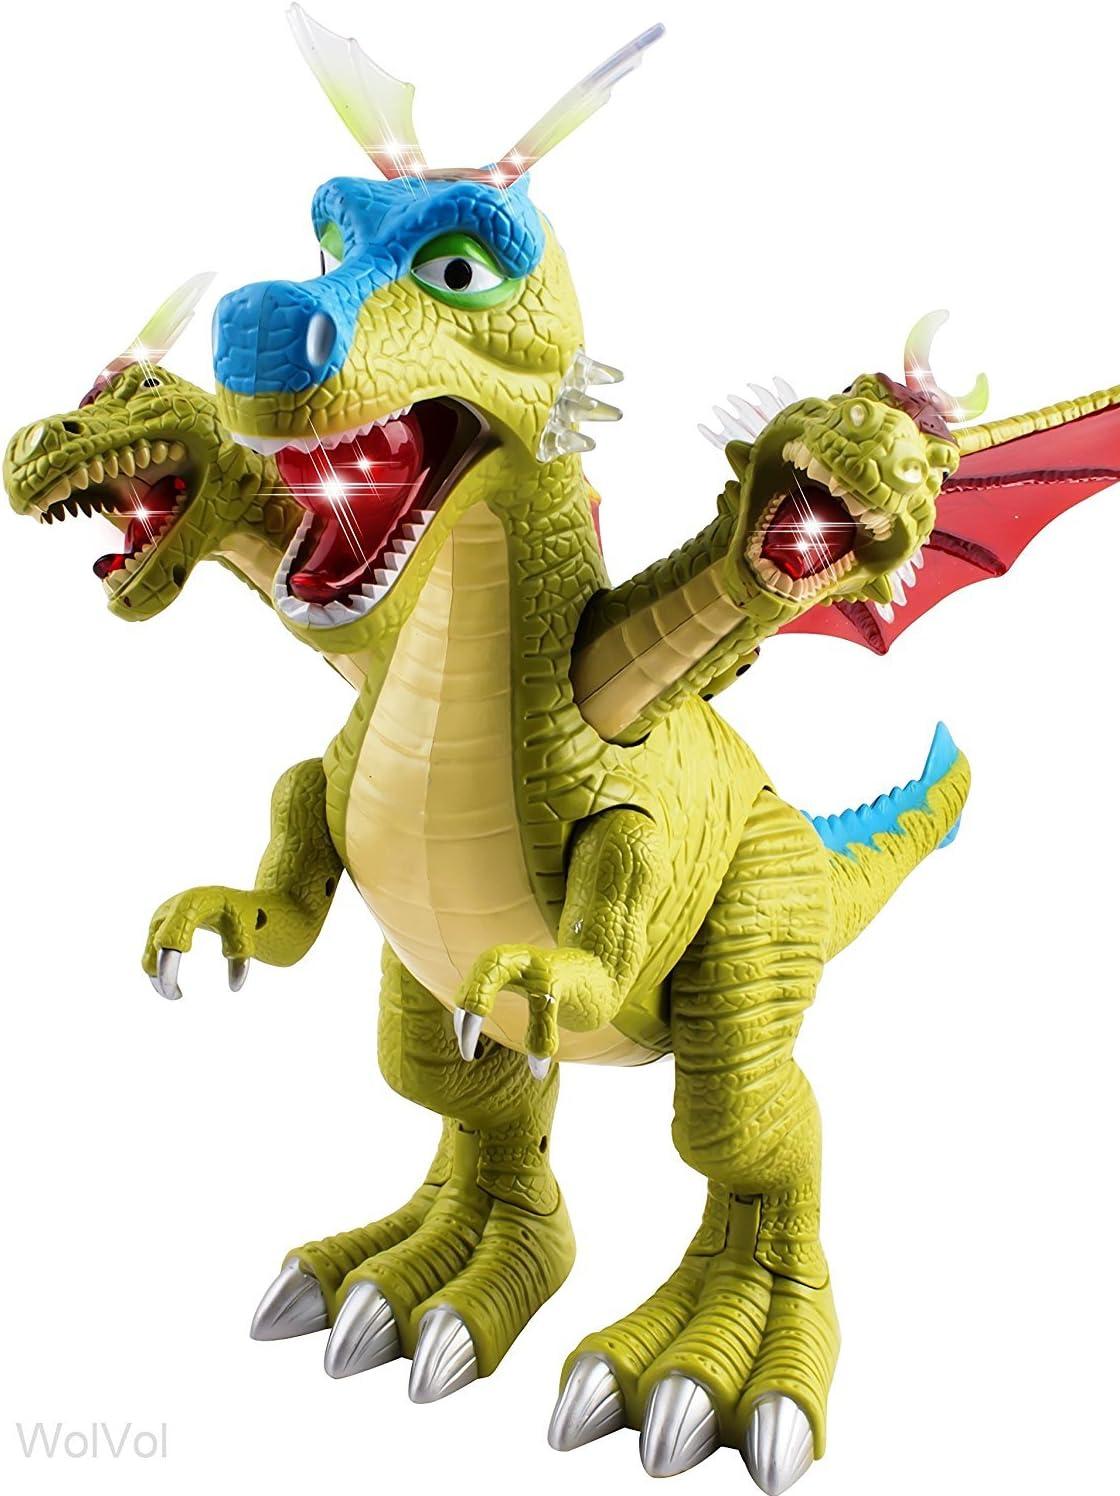 Luces Y Movimiento Gift Set Reino Unido Caminando Triceratops Dinosaurio De Juguete Con Sonidos